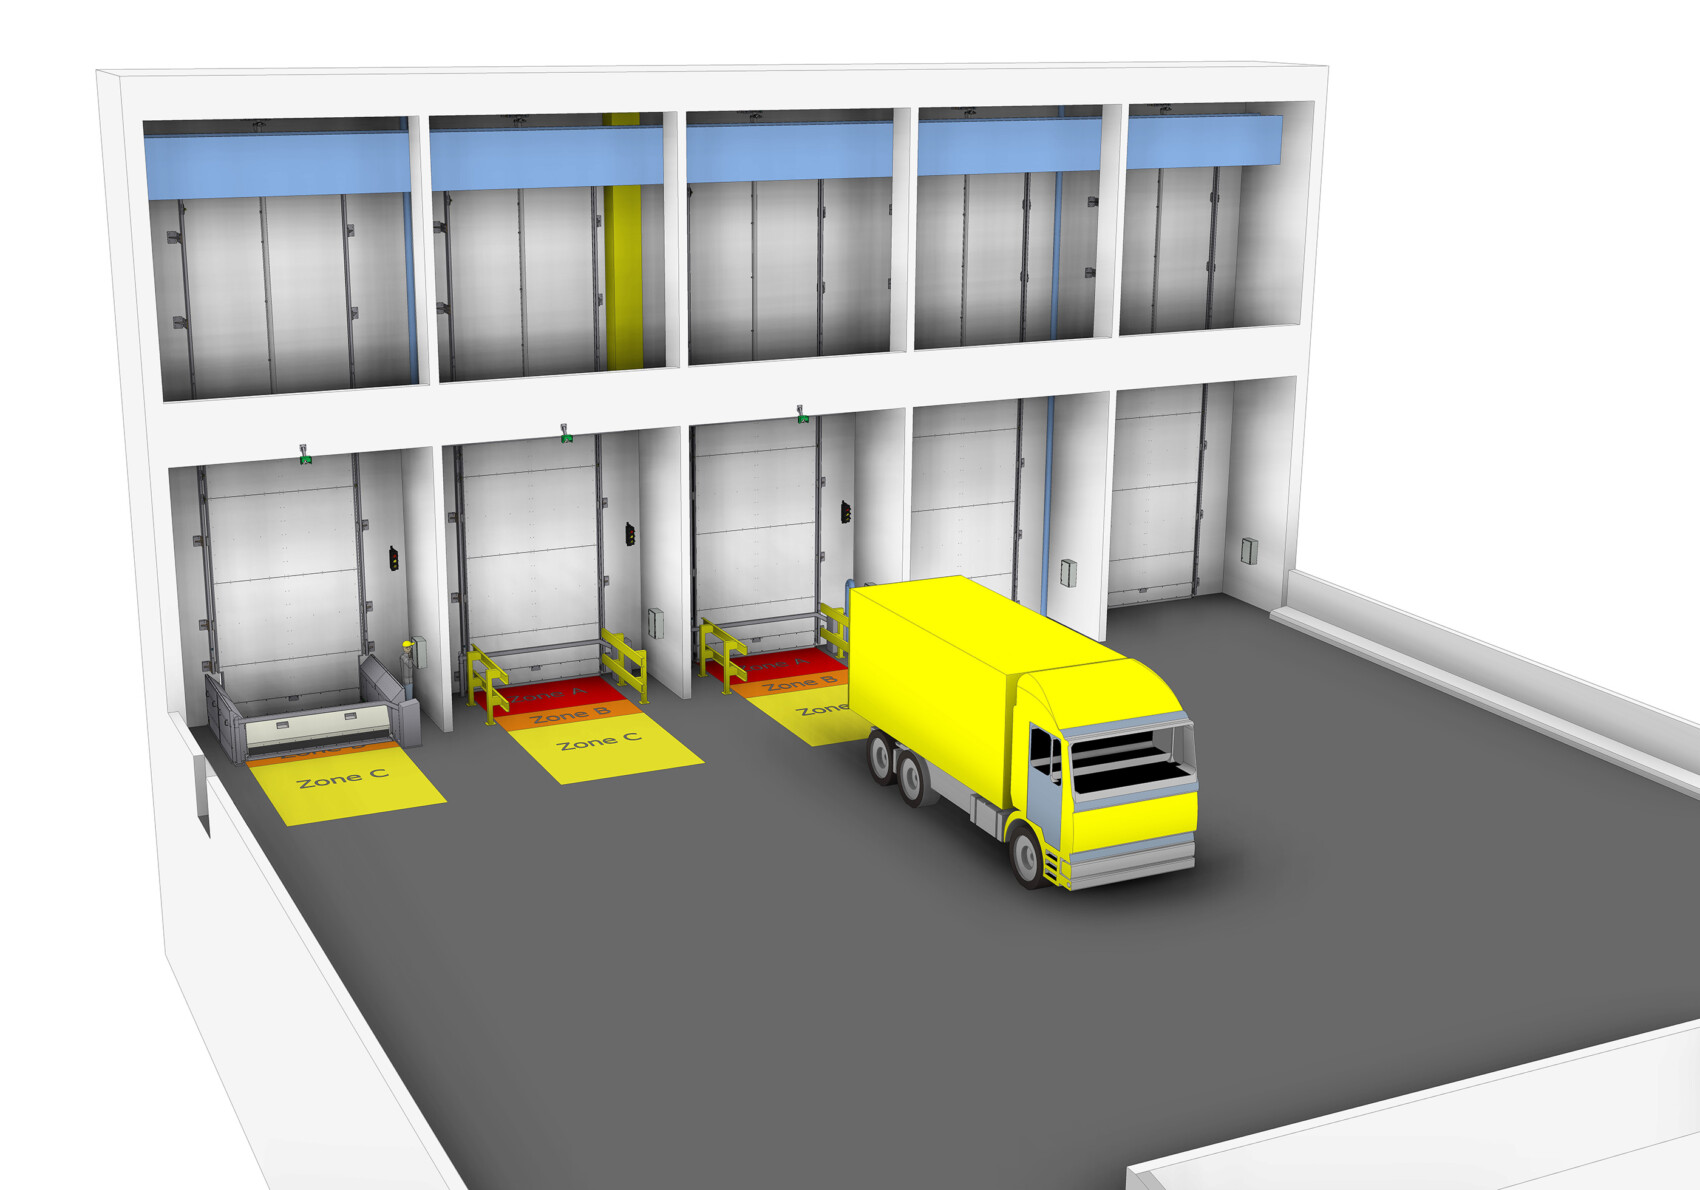 3D-Modell der Bunkertore samt Vorplatz und Lieferfahrzeug vor mittlerem Bunkertor